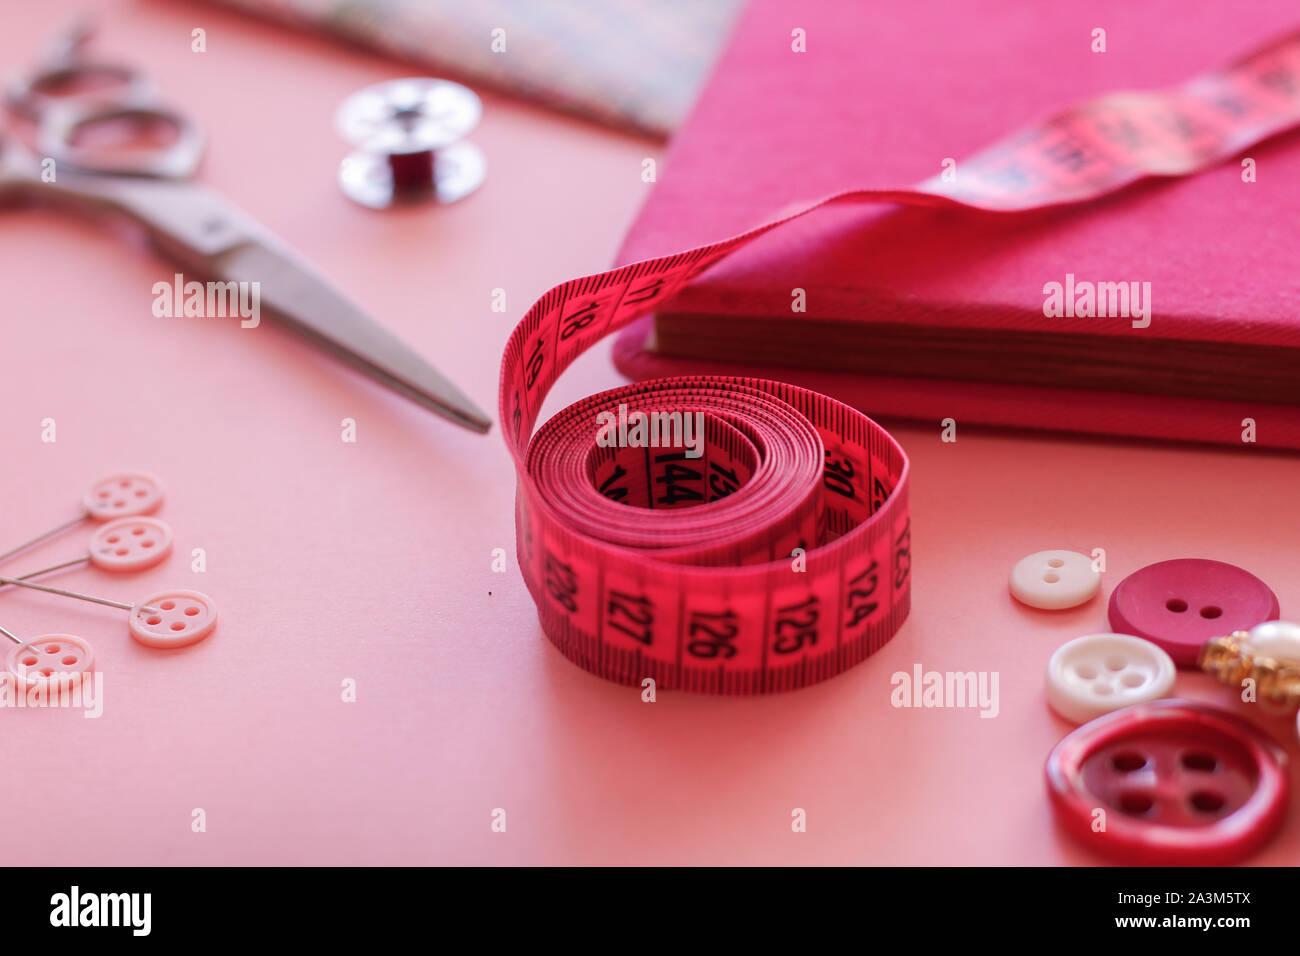 Medir la cinta en color rosa con otros objetos de costura Foto de stock